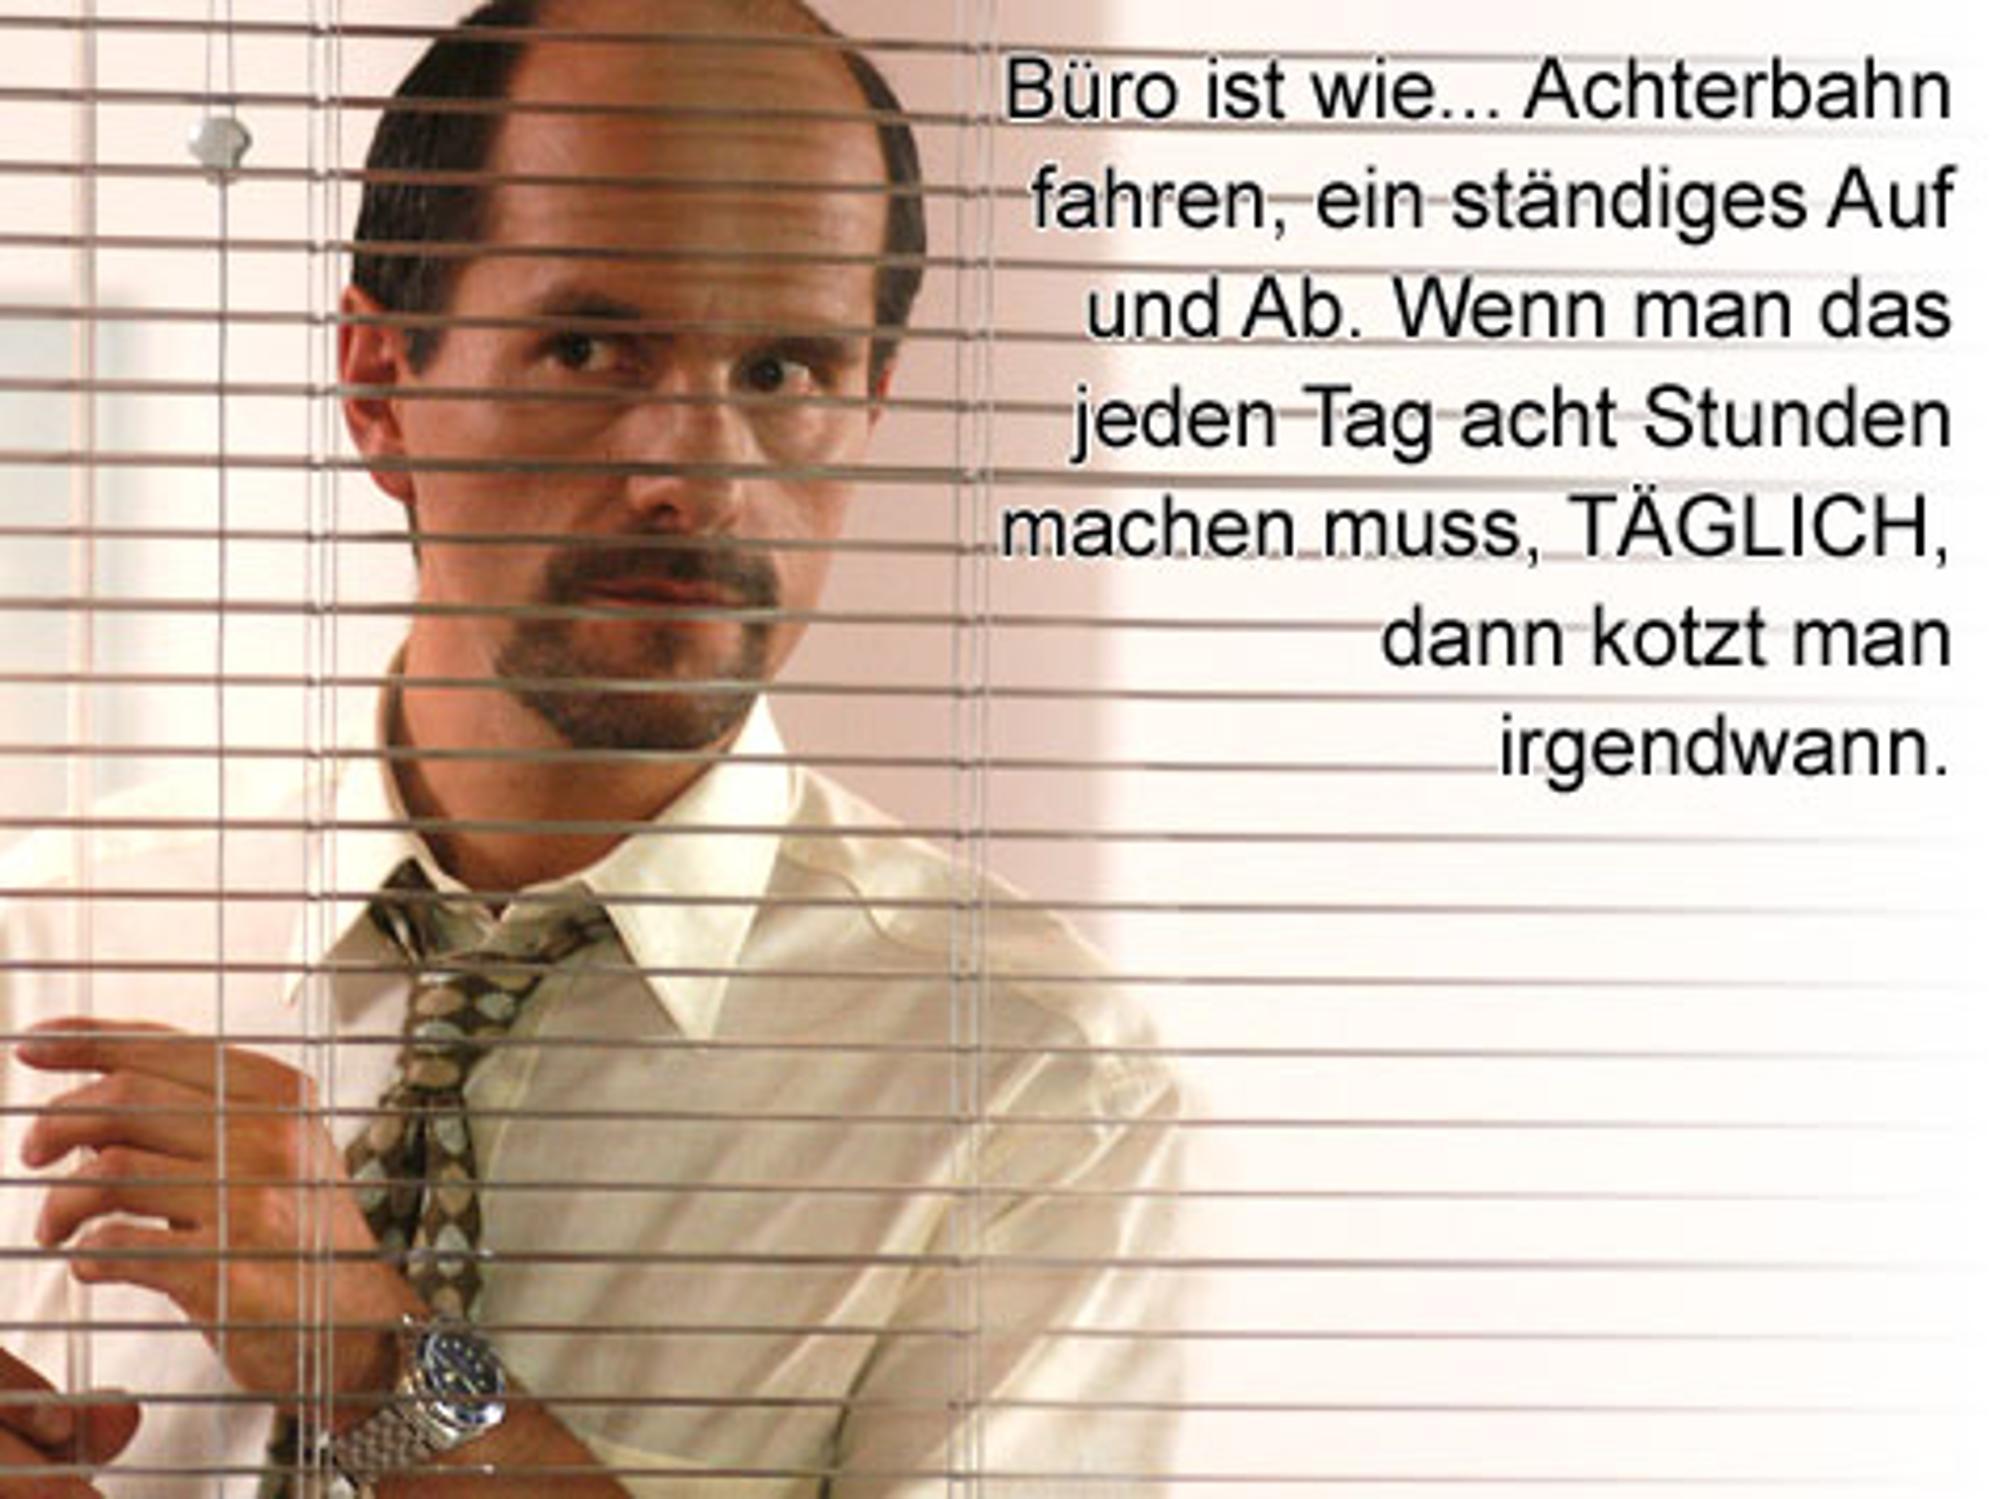 Wieder Im Auf Prosieben Bernd Strombergs Fieseste Spruche Tv